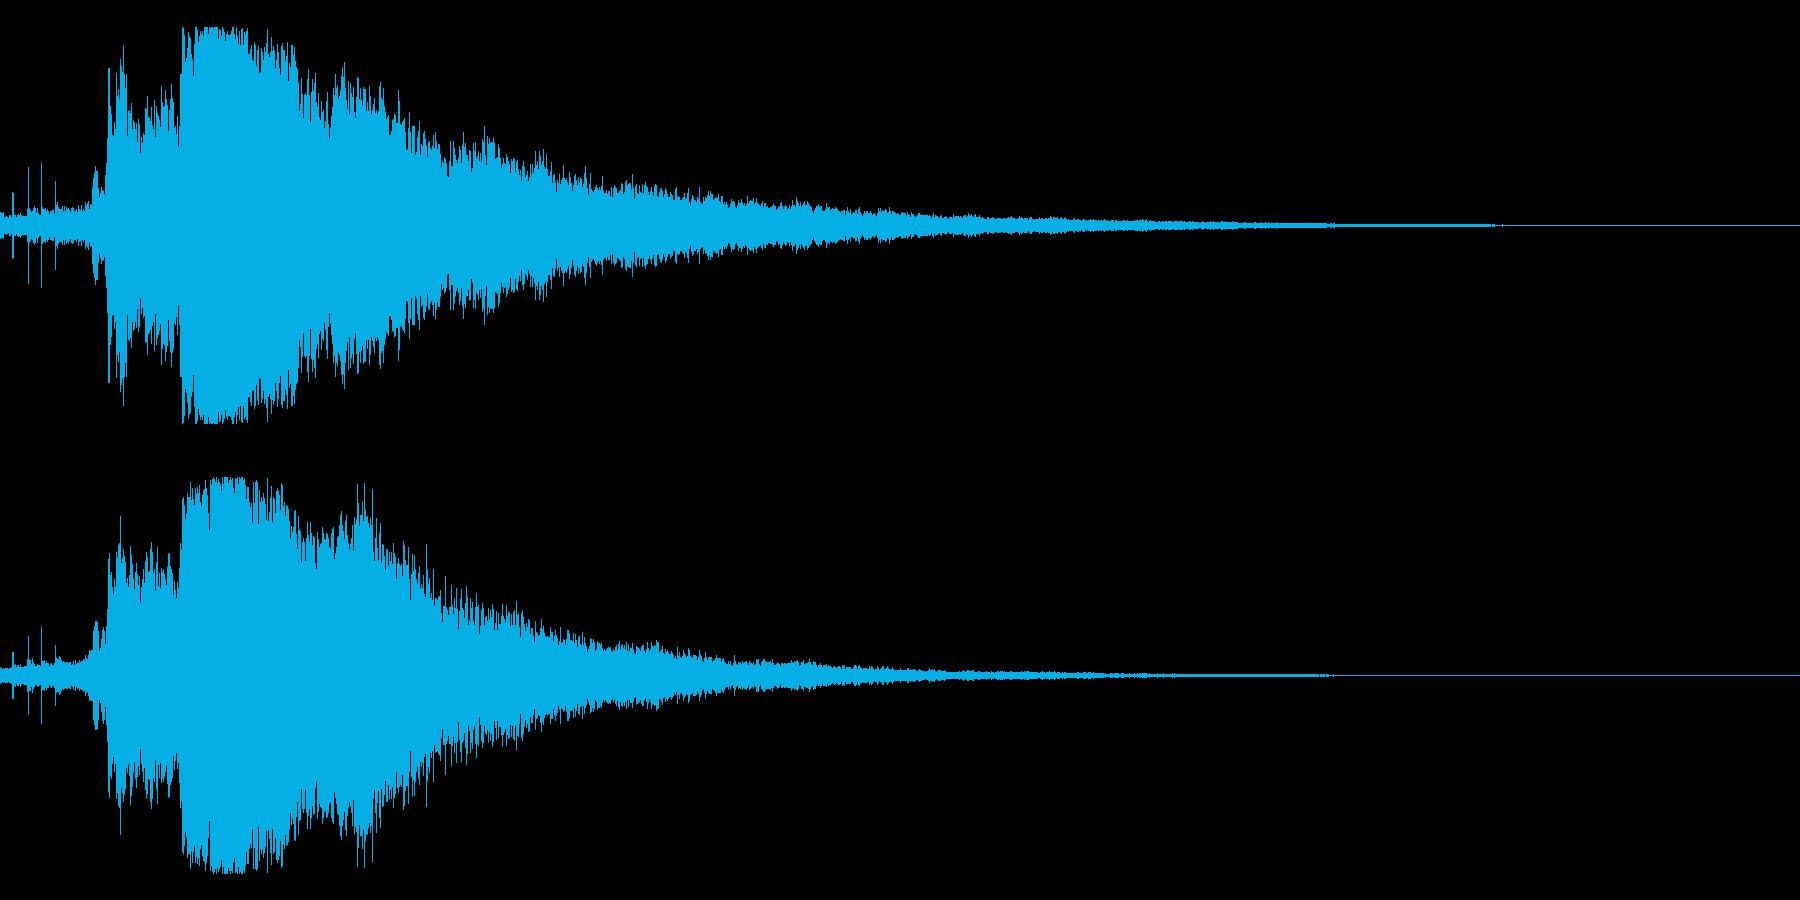 キラキラ☆シャキーン(輝きや魔法など)7の再生済みの波形